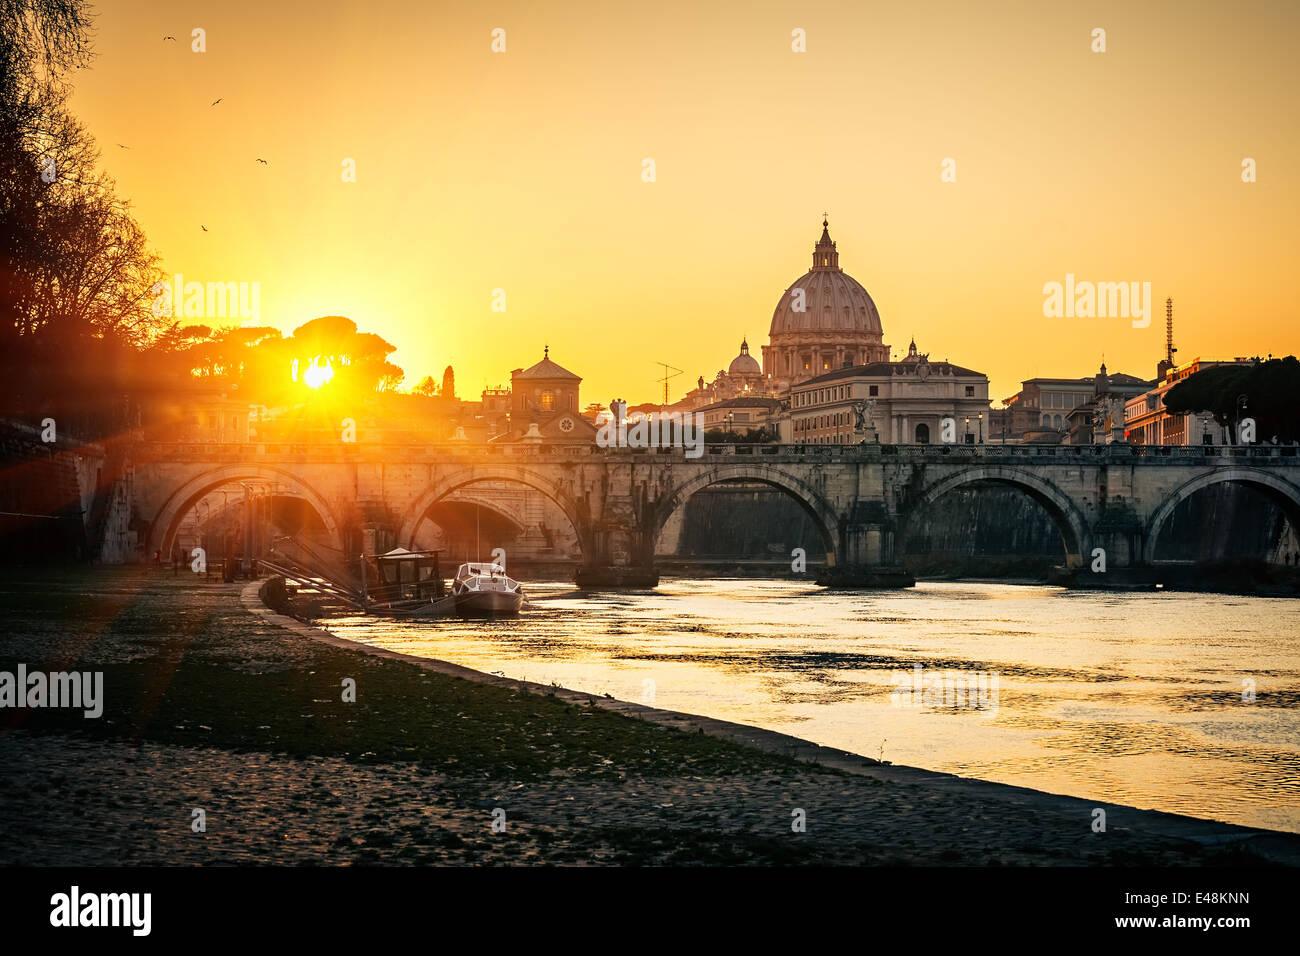 La cathédrale Saint-Pierre au coucher du soleil, Rome Photo Stock